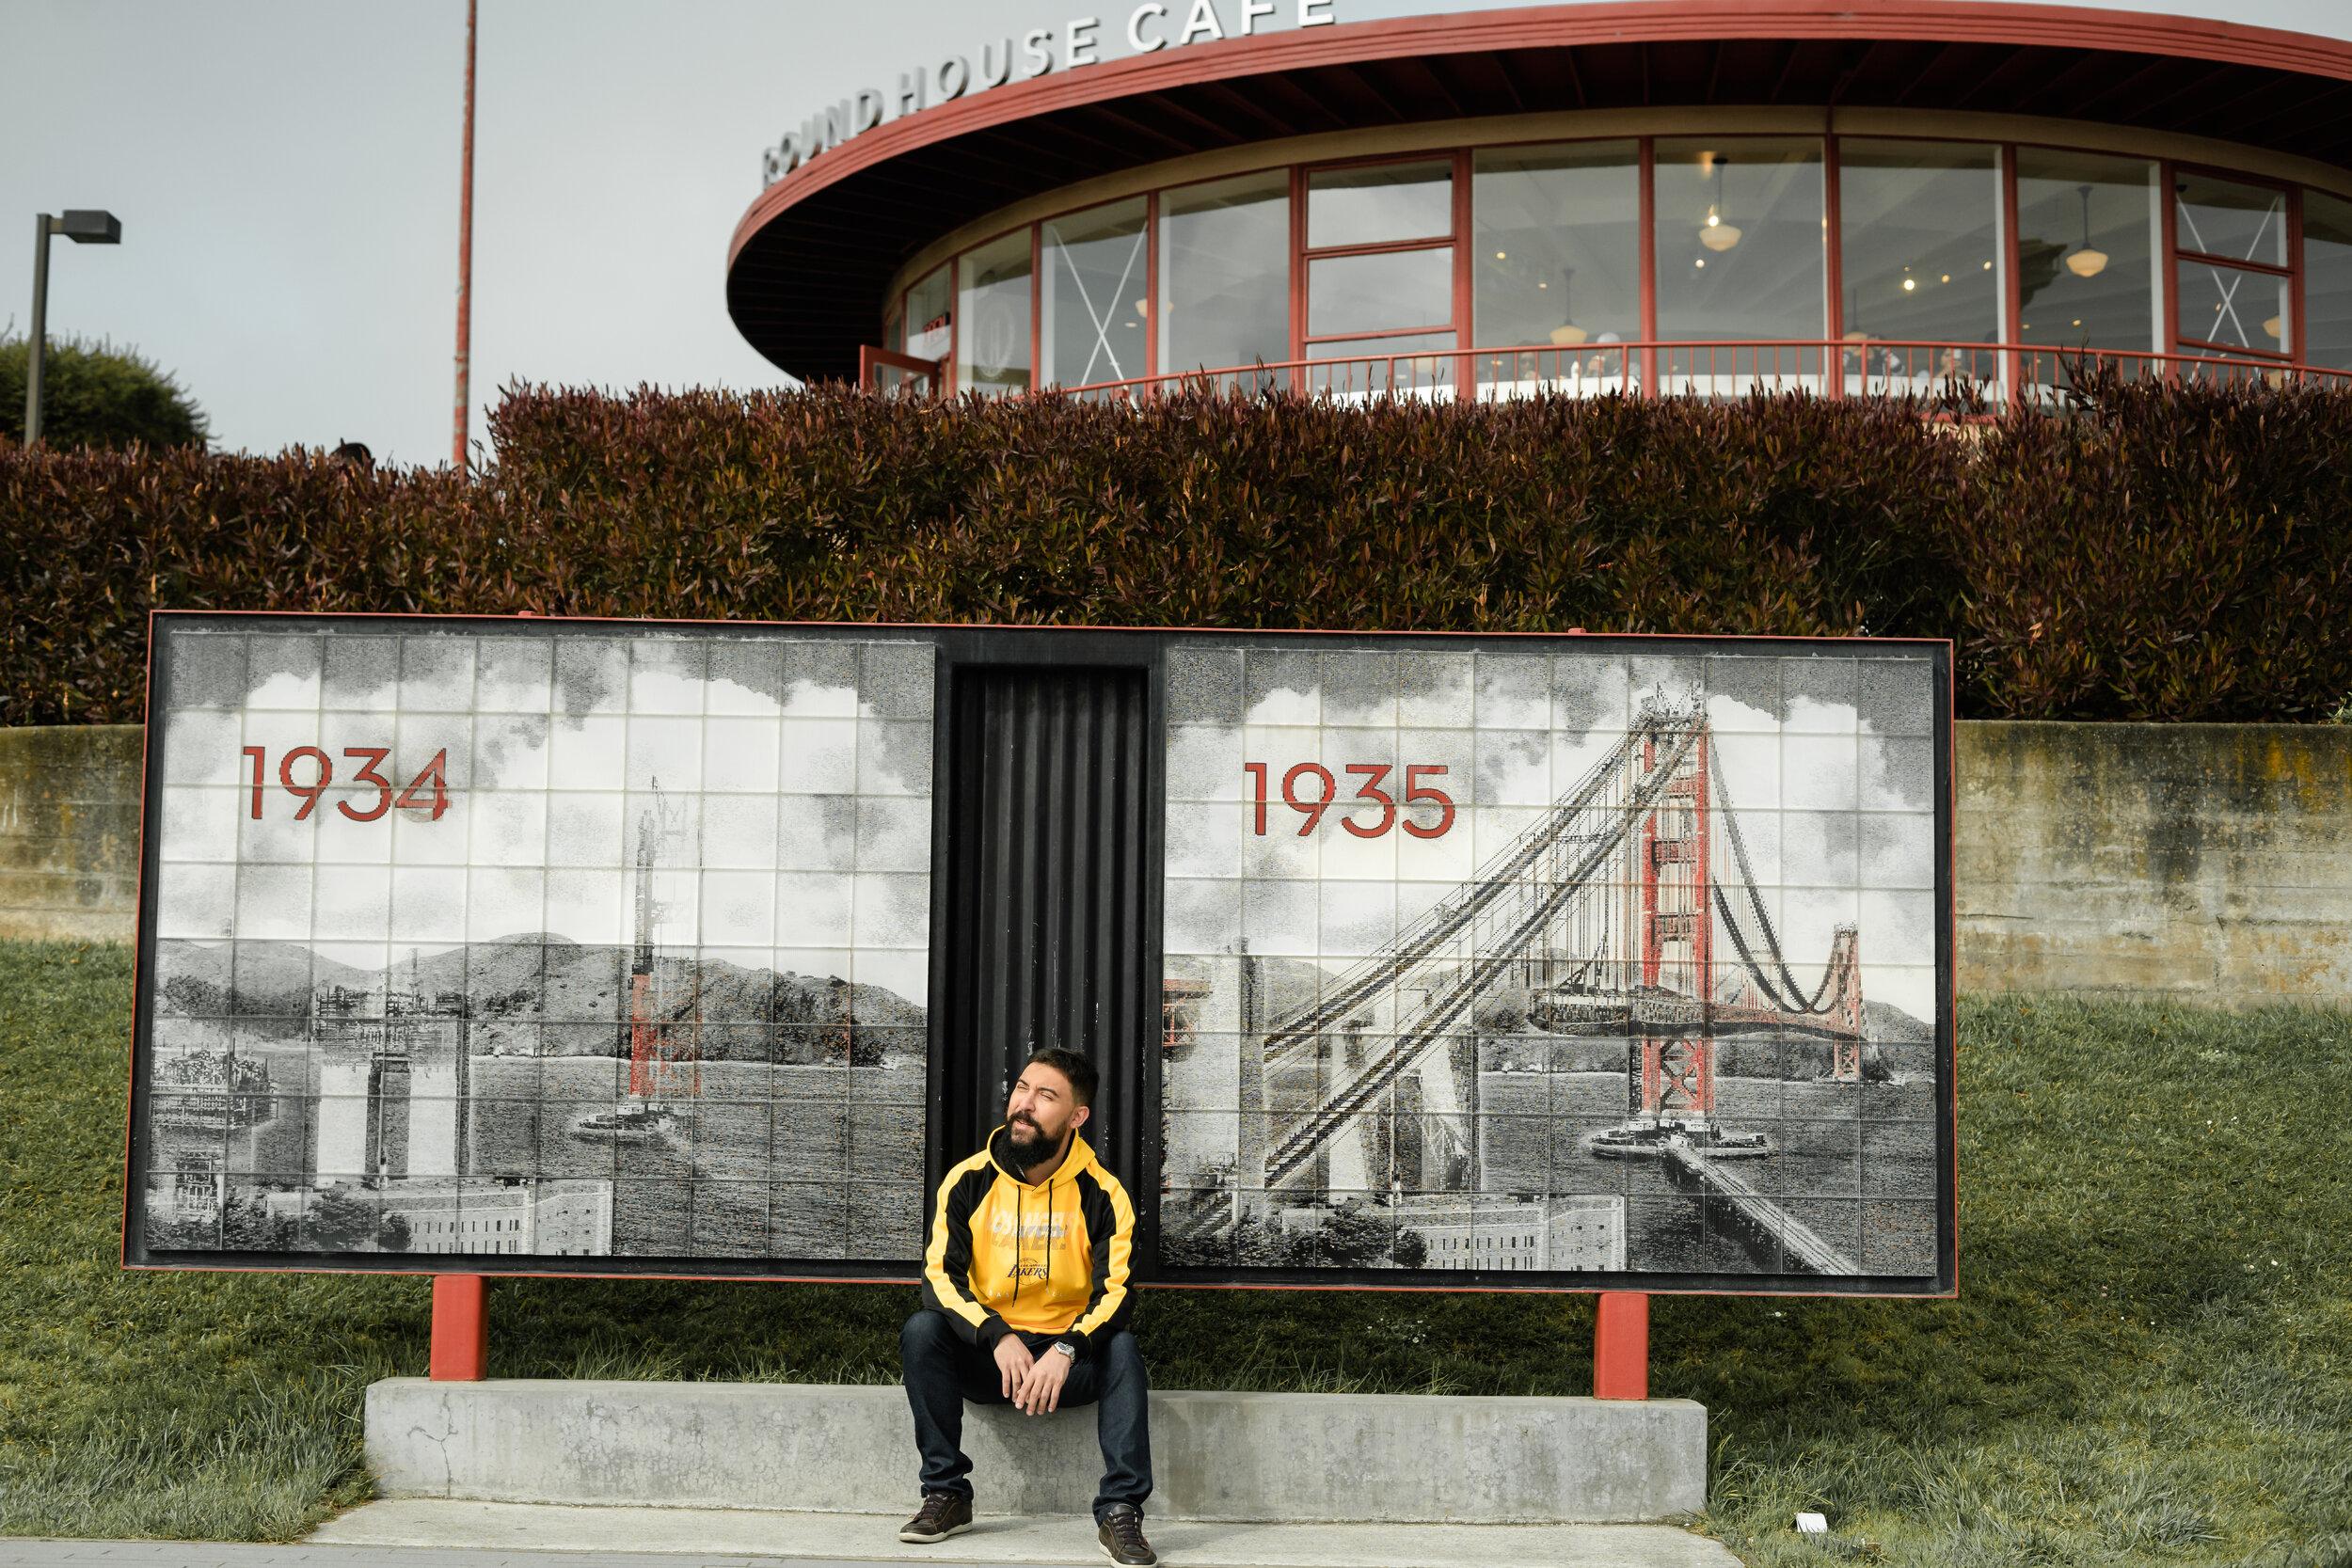 Ensaio Fotografico em Sao Francisco 12.jpg